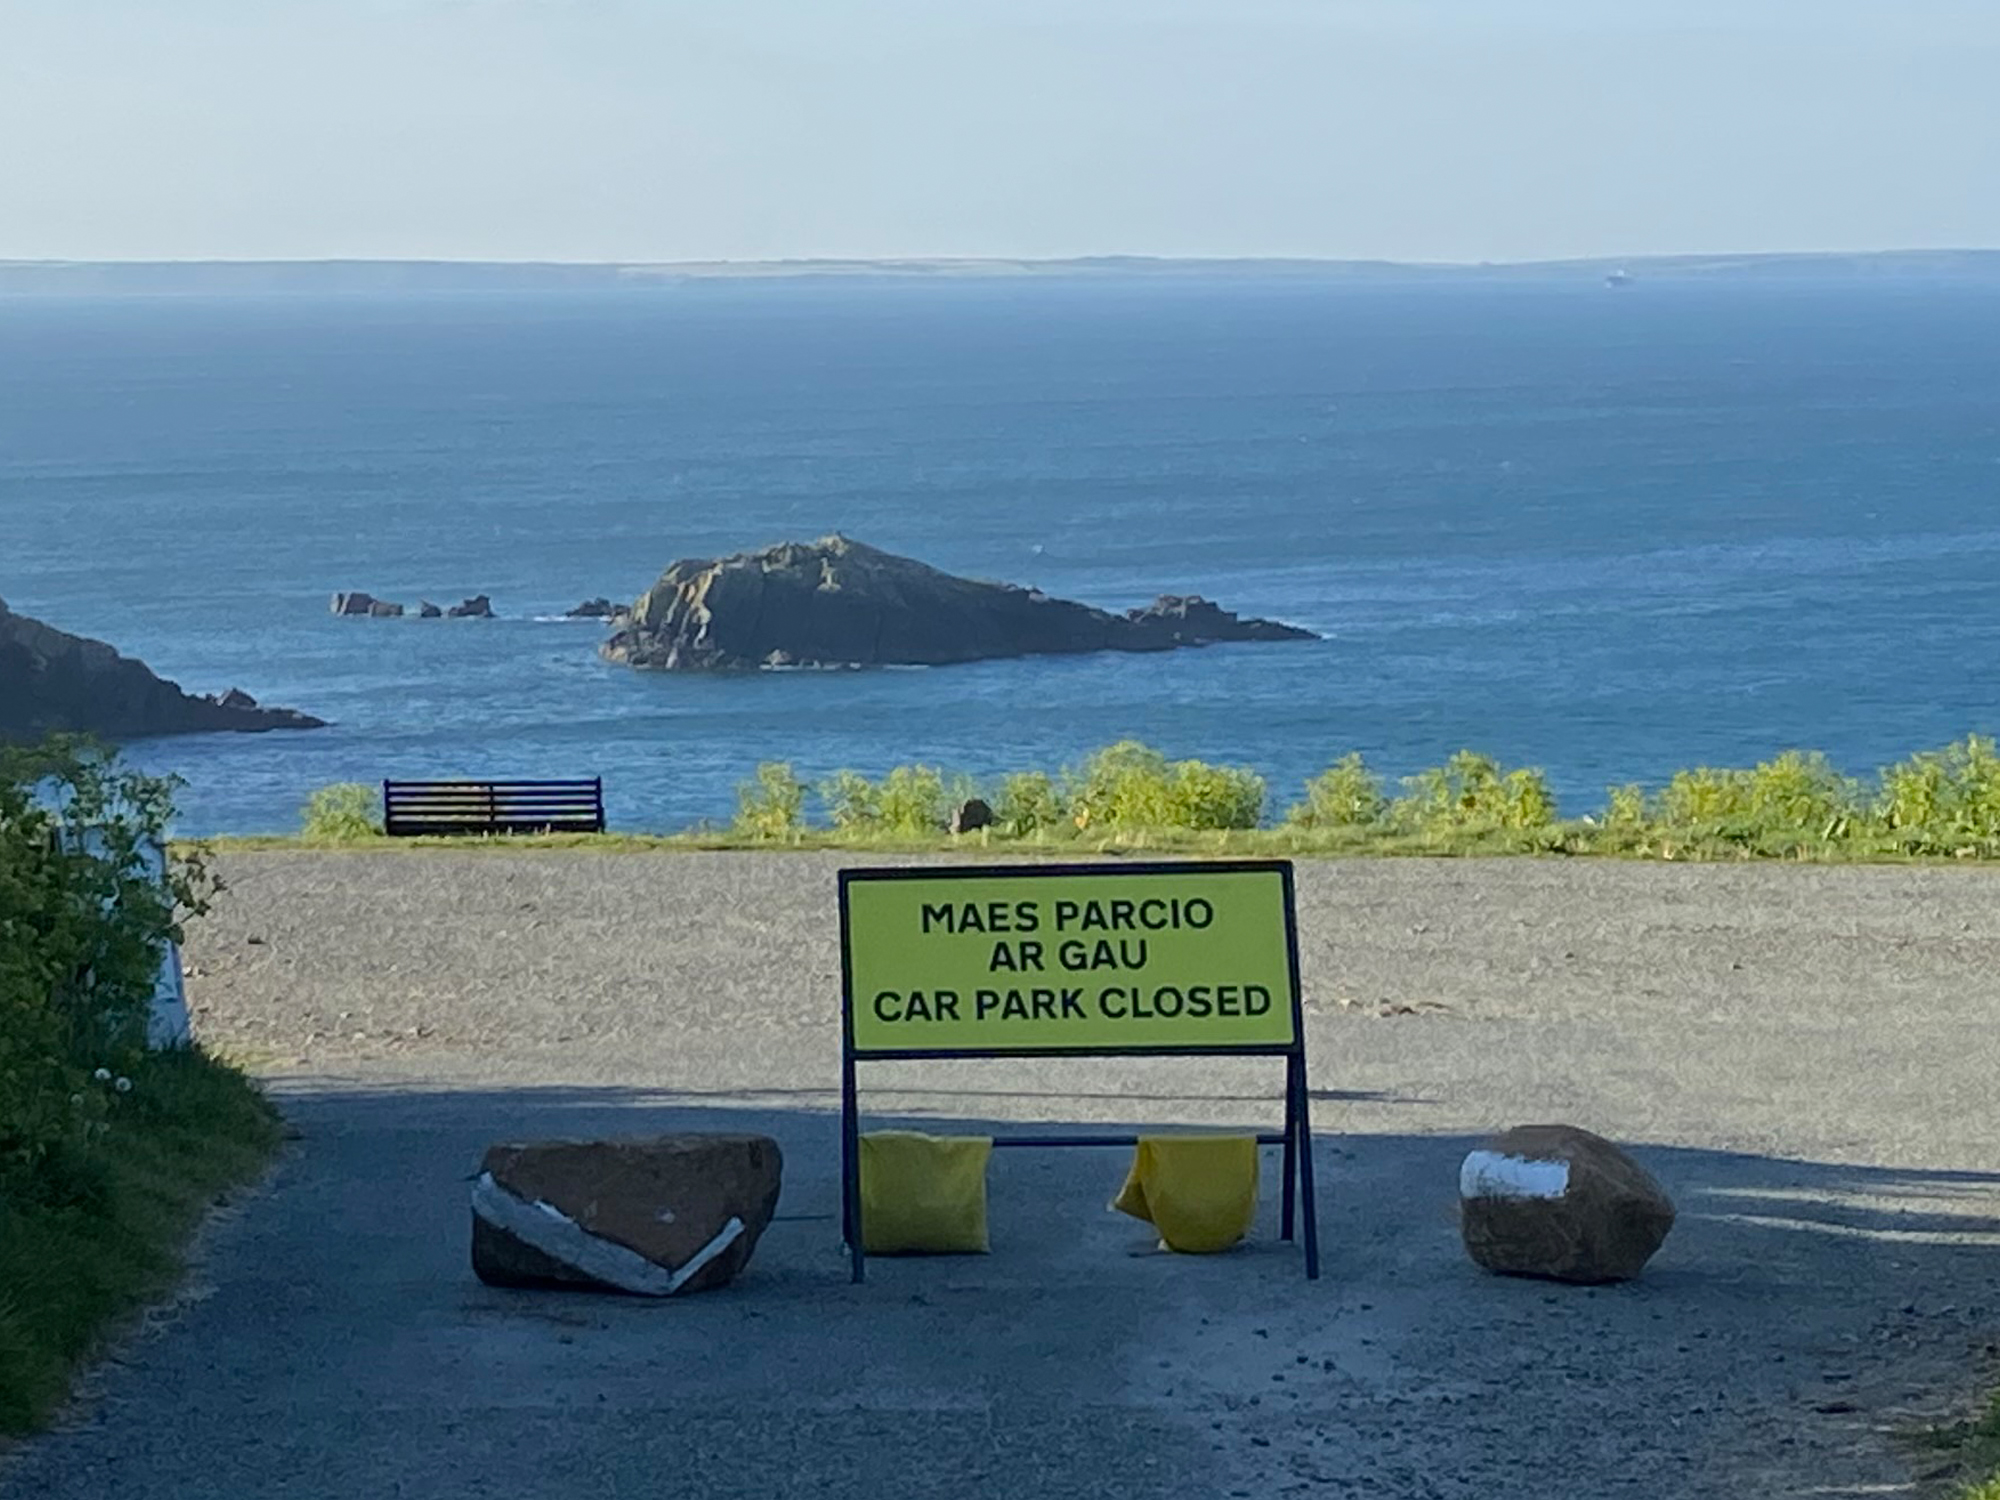 Caerfai Car Park closed